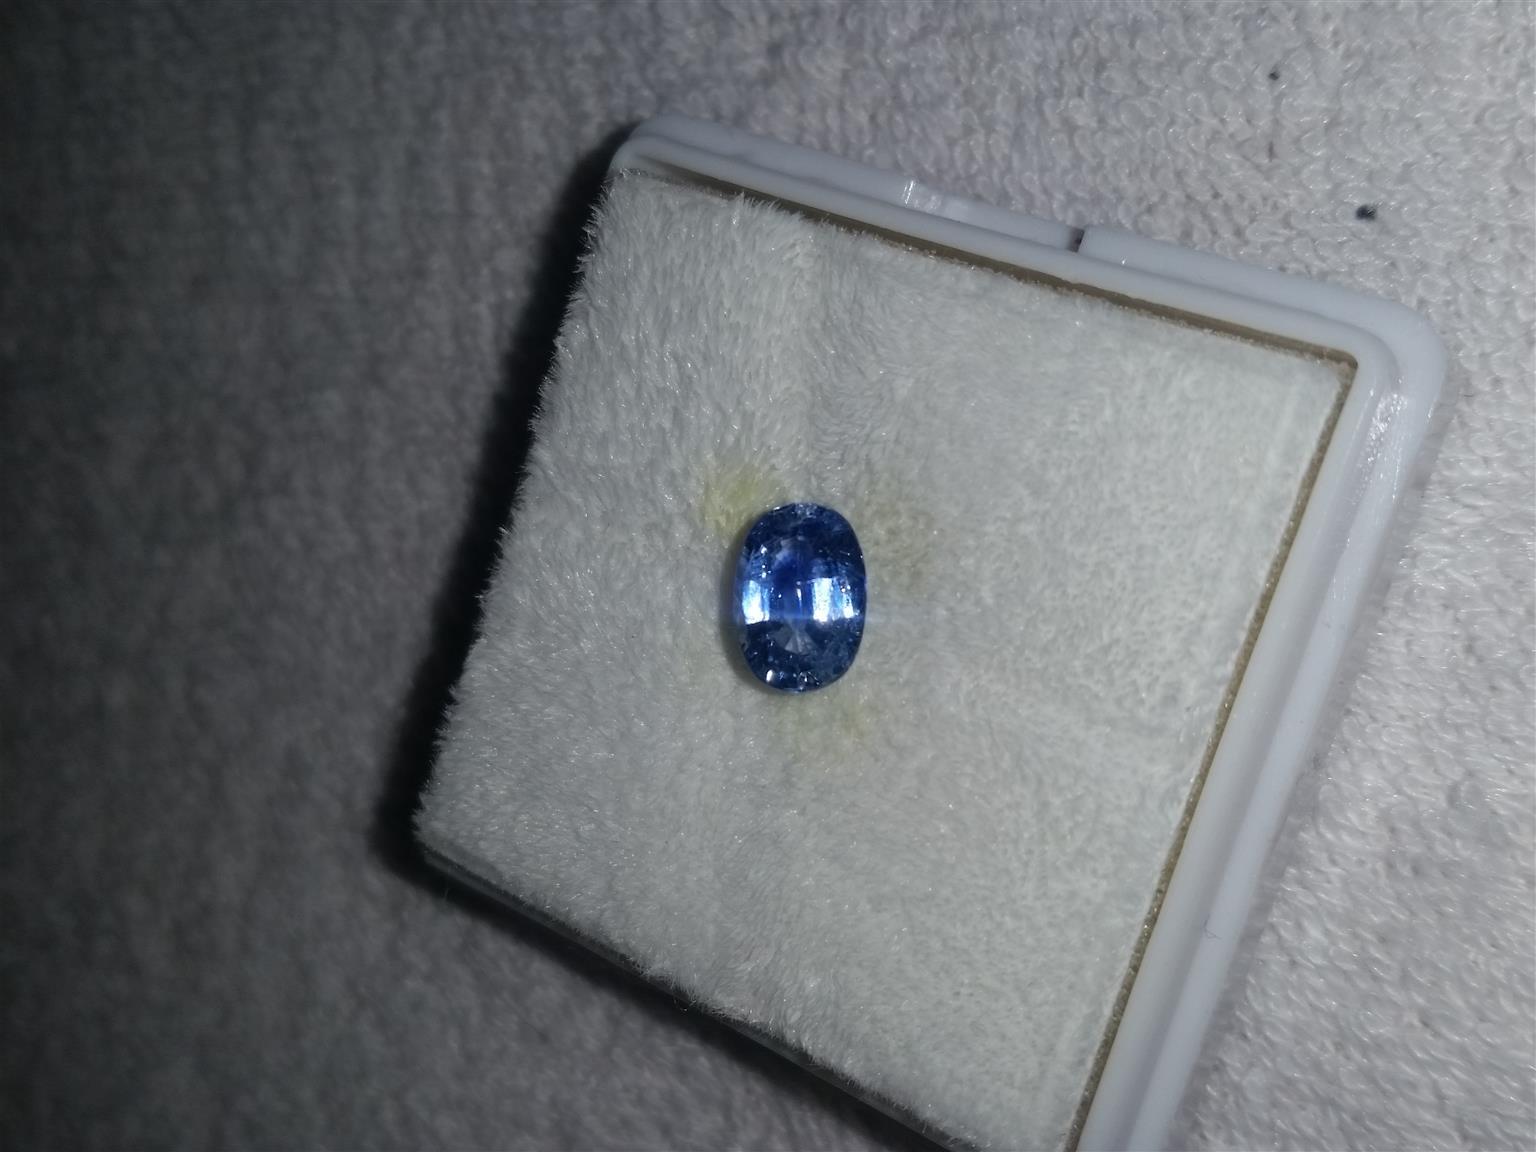 Beautiful sapphire!